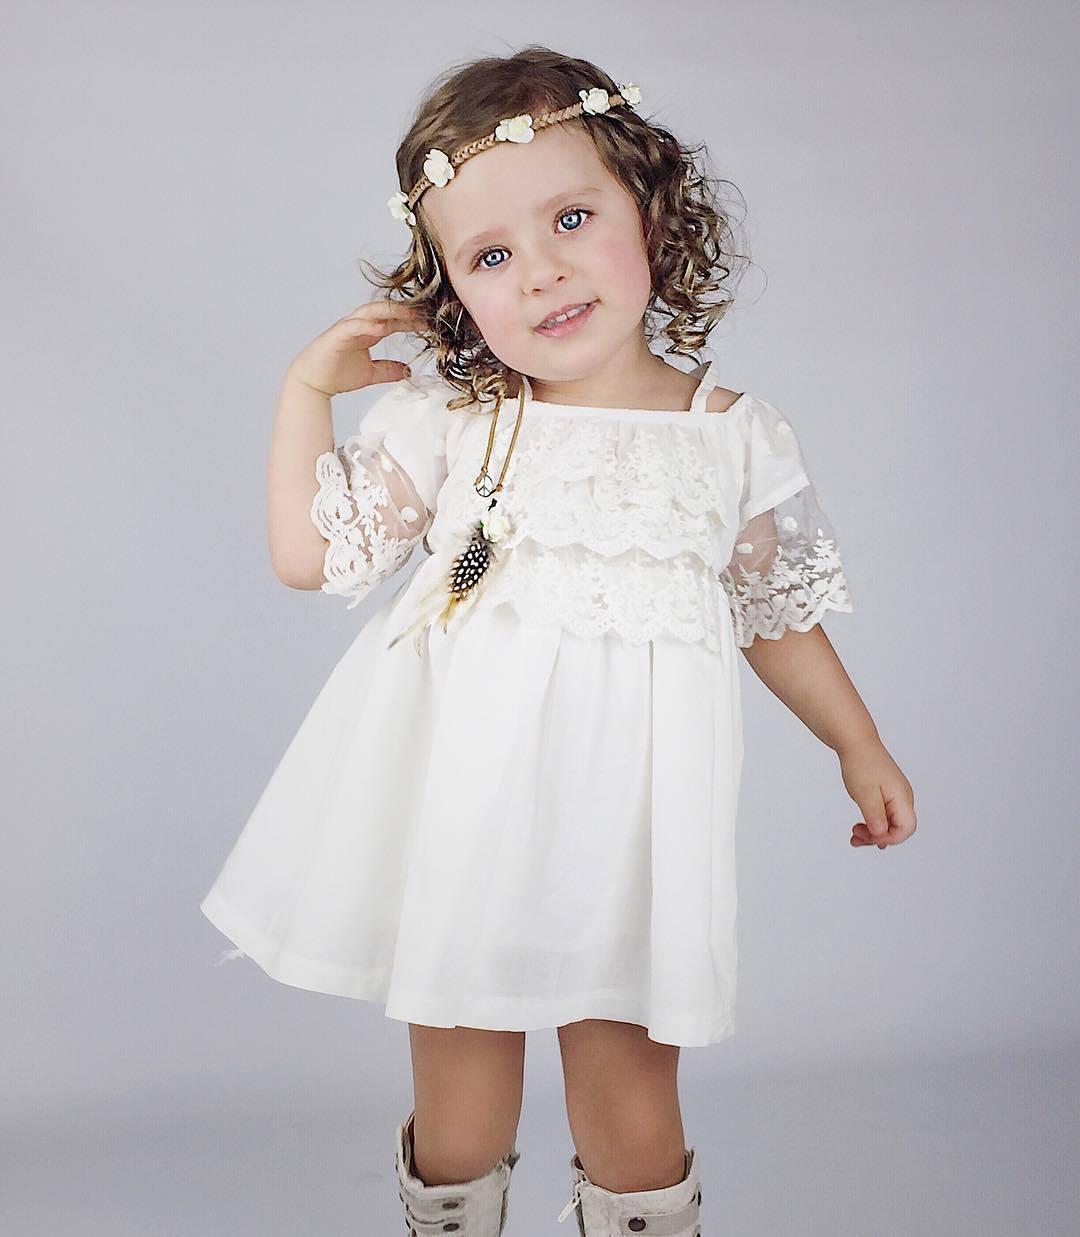 dc74d27751e Платье для девочки 3 года  100 модных и ярких новинок